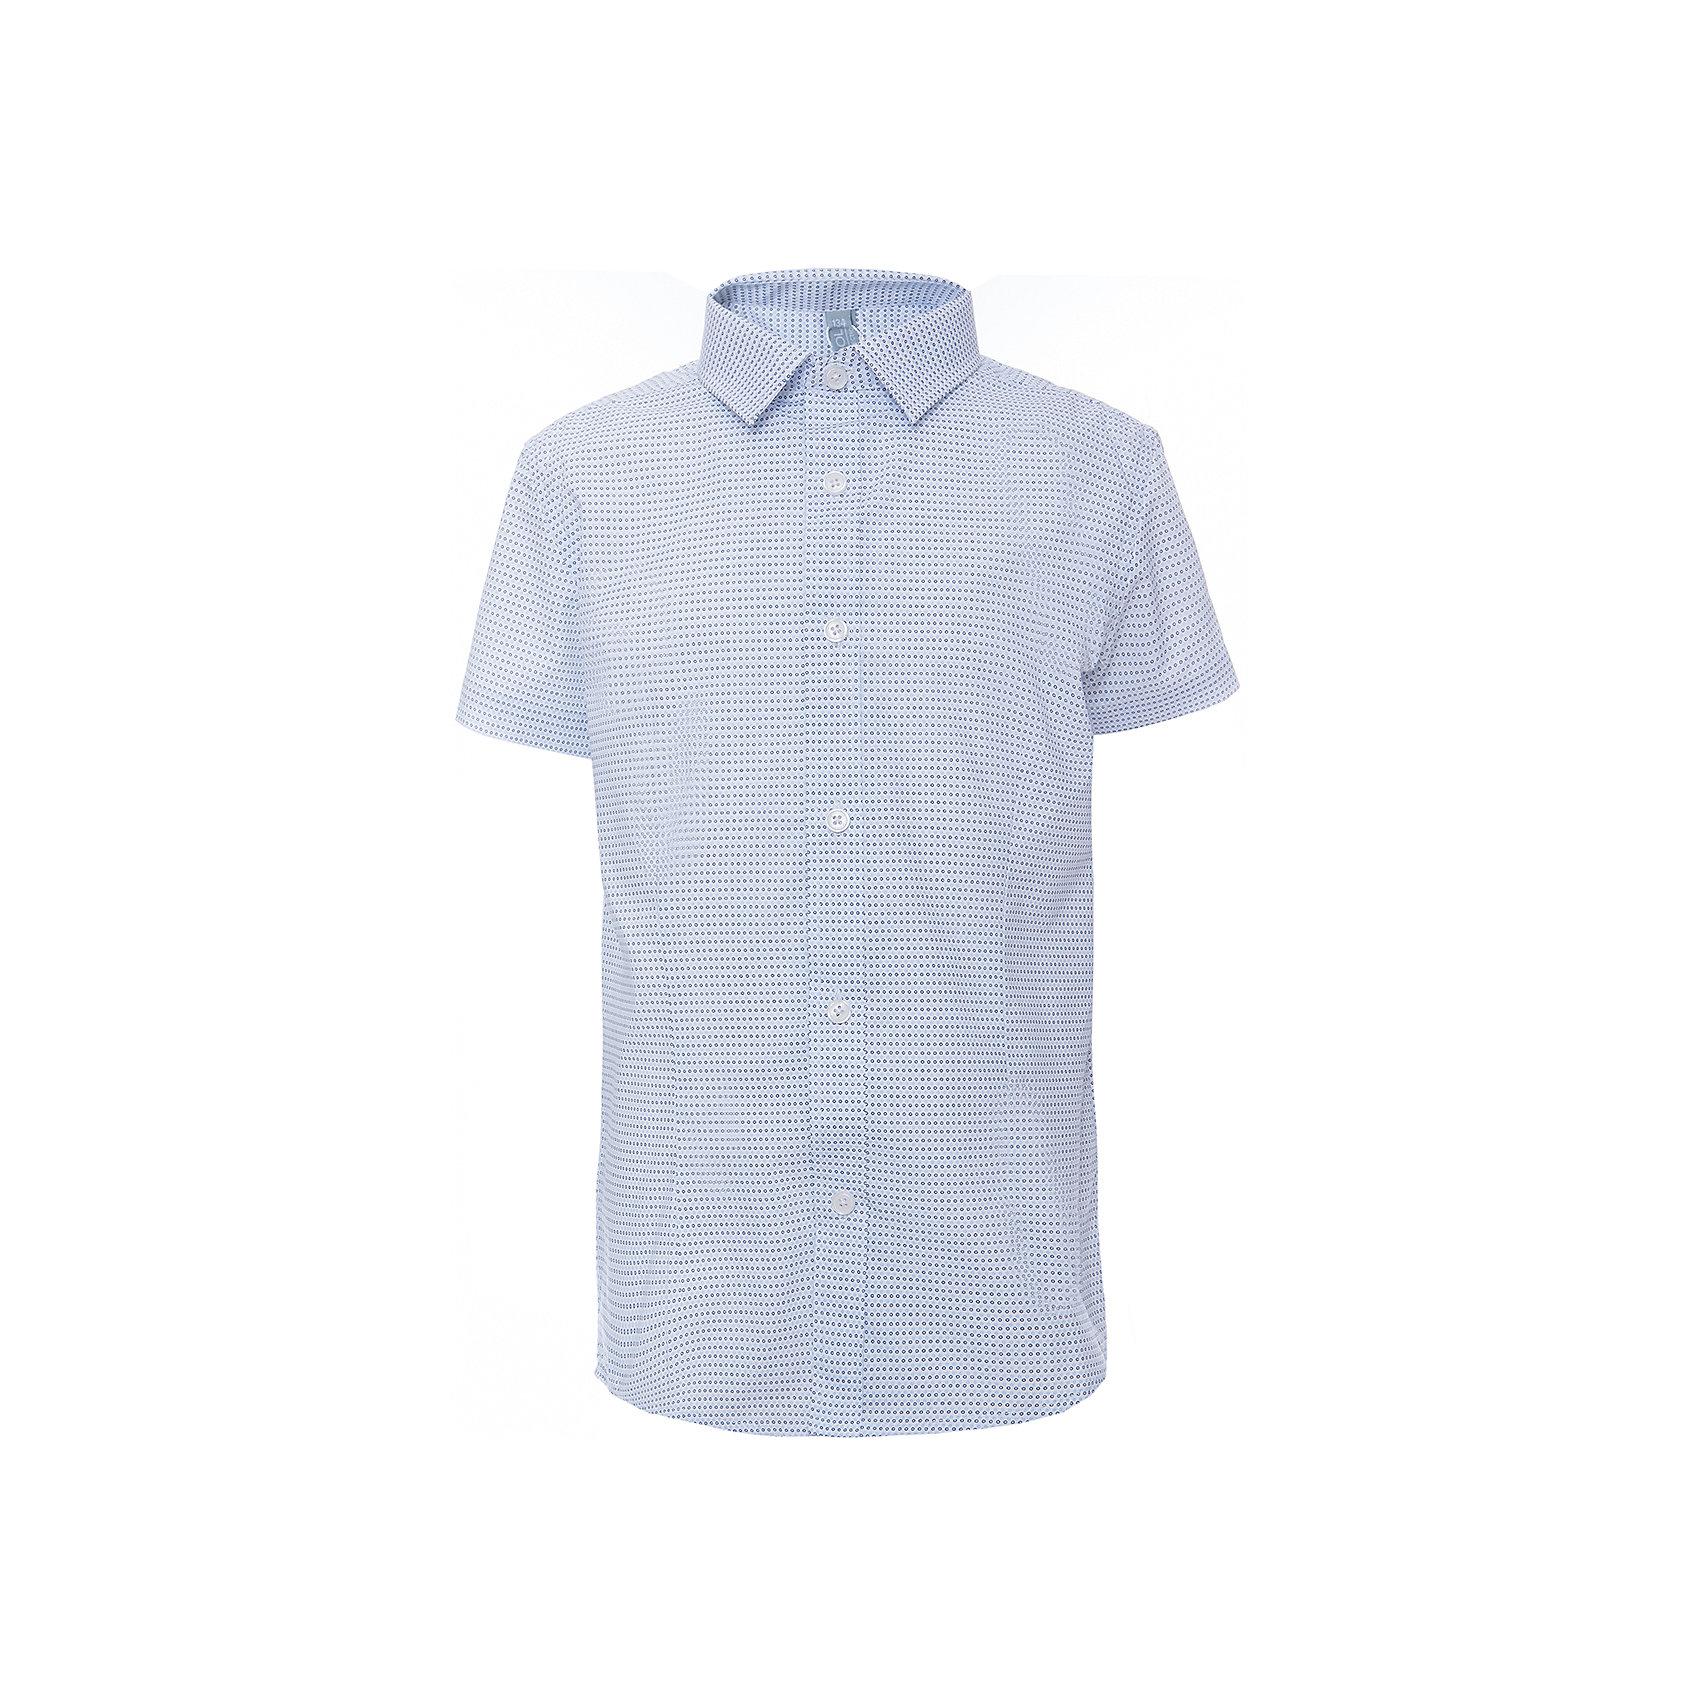 Рубашка для мальчика ScoolБлузки и рубашки<br>Рубашка для мальчика Scool<br>, , Сорочка с коротким рукавом в классическом стиле выполнена из приятной к телу смесовой ткани. Лекало этой модели полностью повторяет лекало модели для взрослого мужчины. Сорочка хорошо сочетается с костюмом в деловом стиле и джинсами.<br>Состав:<br>45% хлопок, 55% полиэстер<br><br>Ширина мм: 174<br>Глубина мм: 10<br>Высота мм: 169<br>Вес г: 157<br>Цвет: серый<br>Возраст от месяцев: 156<br>Возраст до месяцев: 168<br>Пол: Мужской<br>Возраст: Детский<br>Размер: 164,122,128,134,140,146,152,158<br>SKU: 6754480